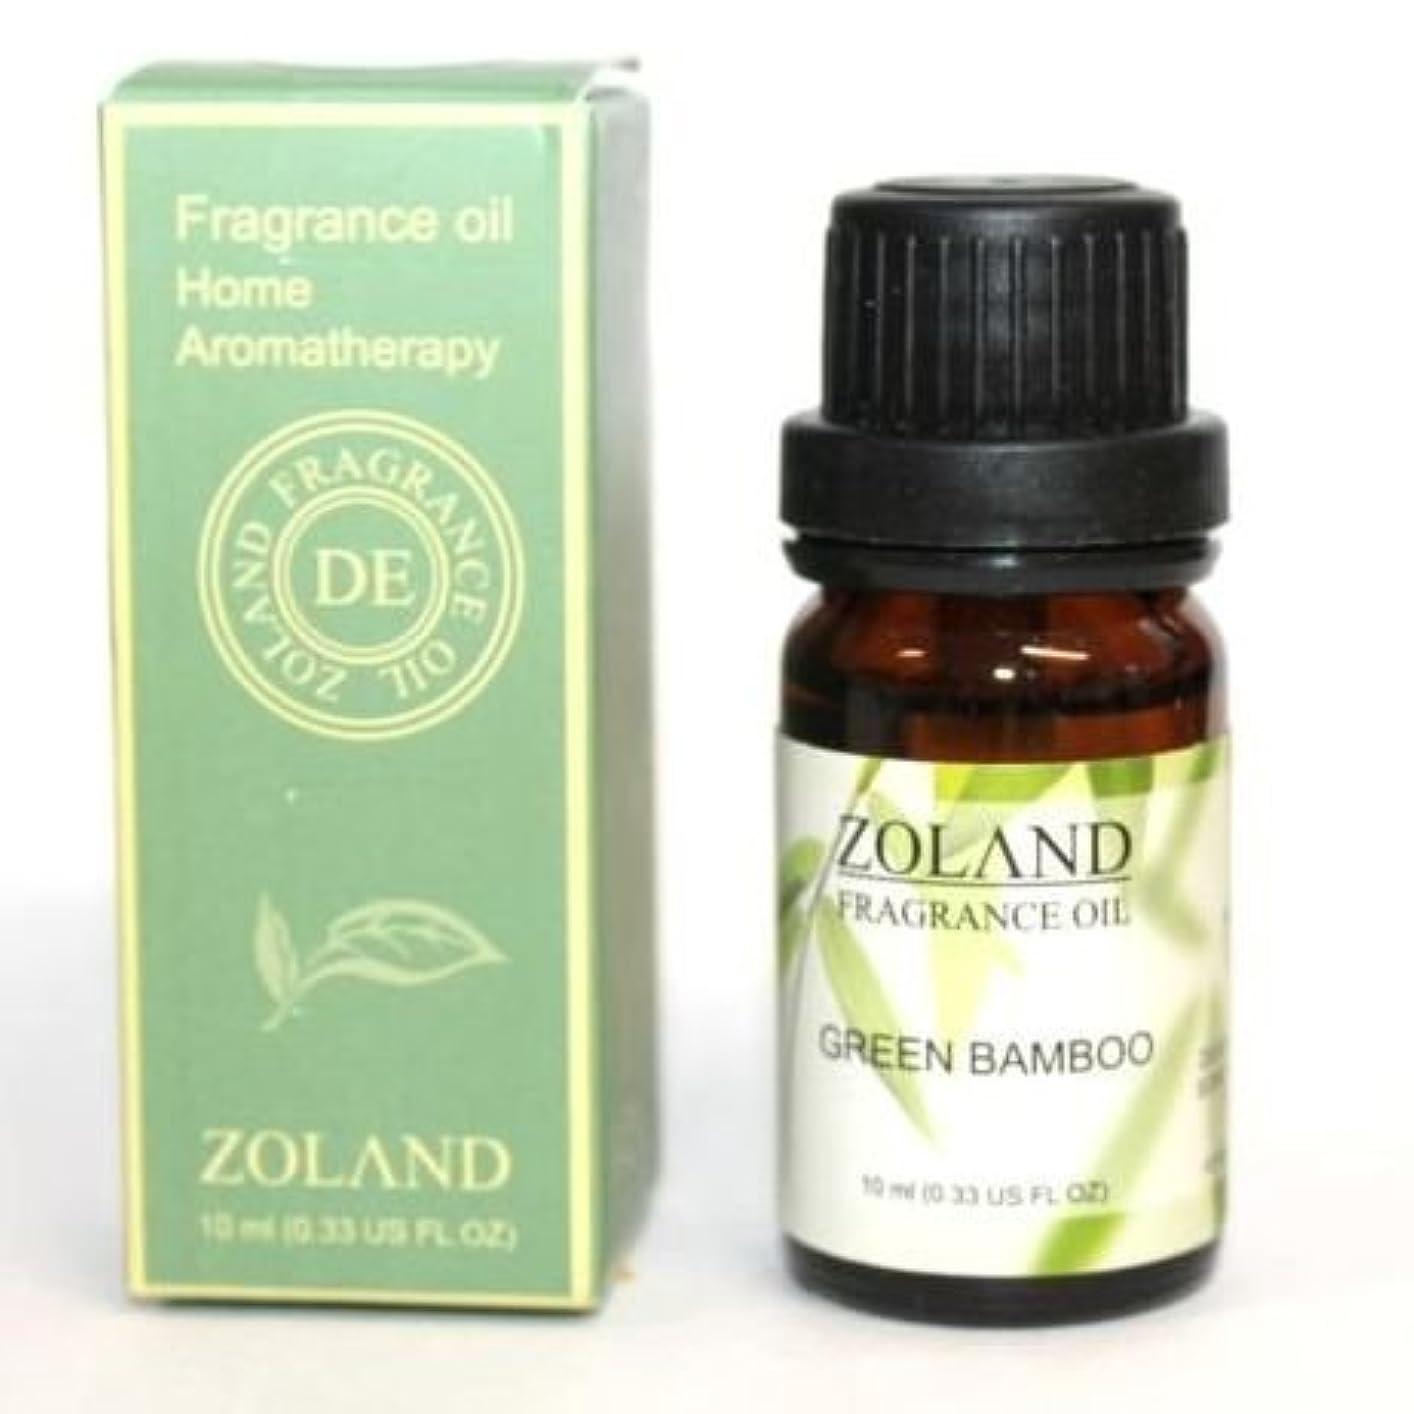 びん軽交差点ZOLAND アロマオイル AROMA OIL フレグランスオイル GREEN BAMBOO 青竹の香り ZQ-4